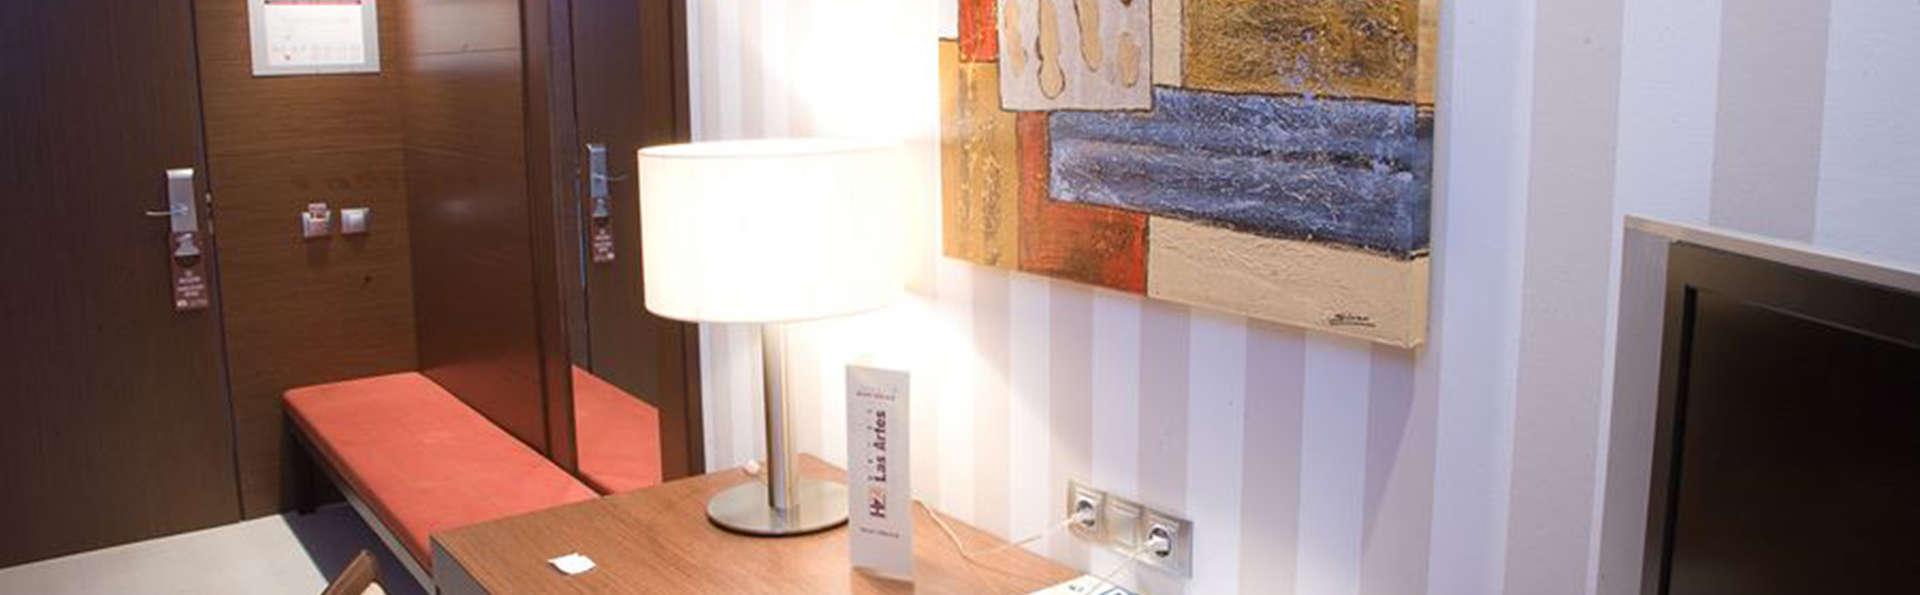 Hotel Las Artes - EDIT_room2.jpg